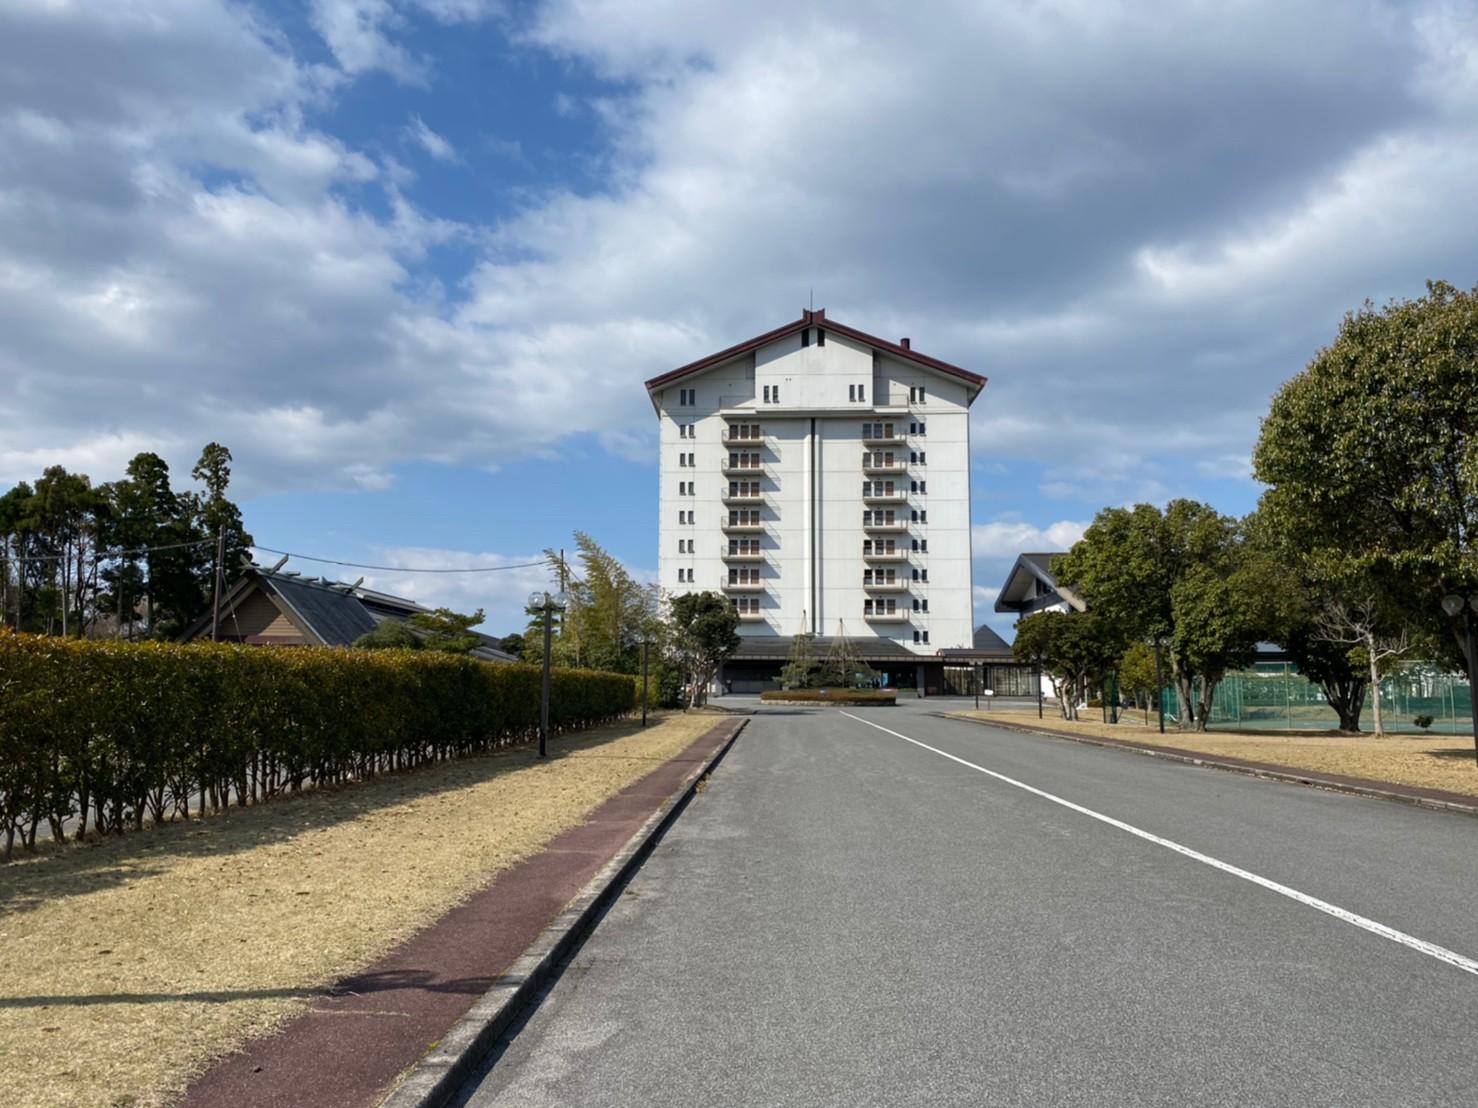 【彦根市】『琵琶湖ビューホテル南側』のアウトドア